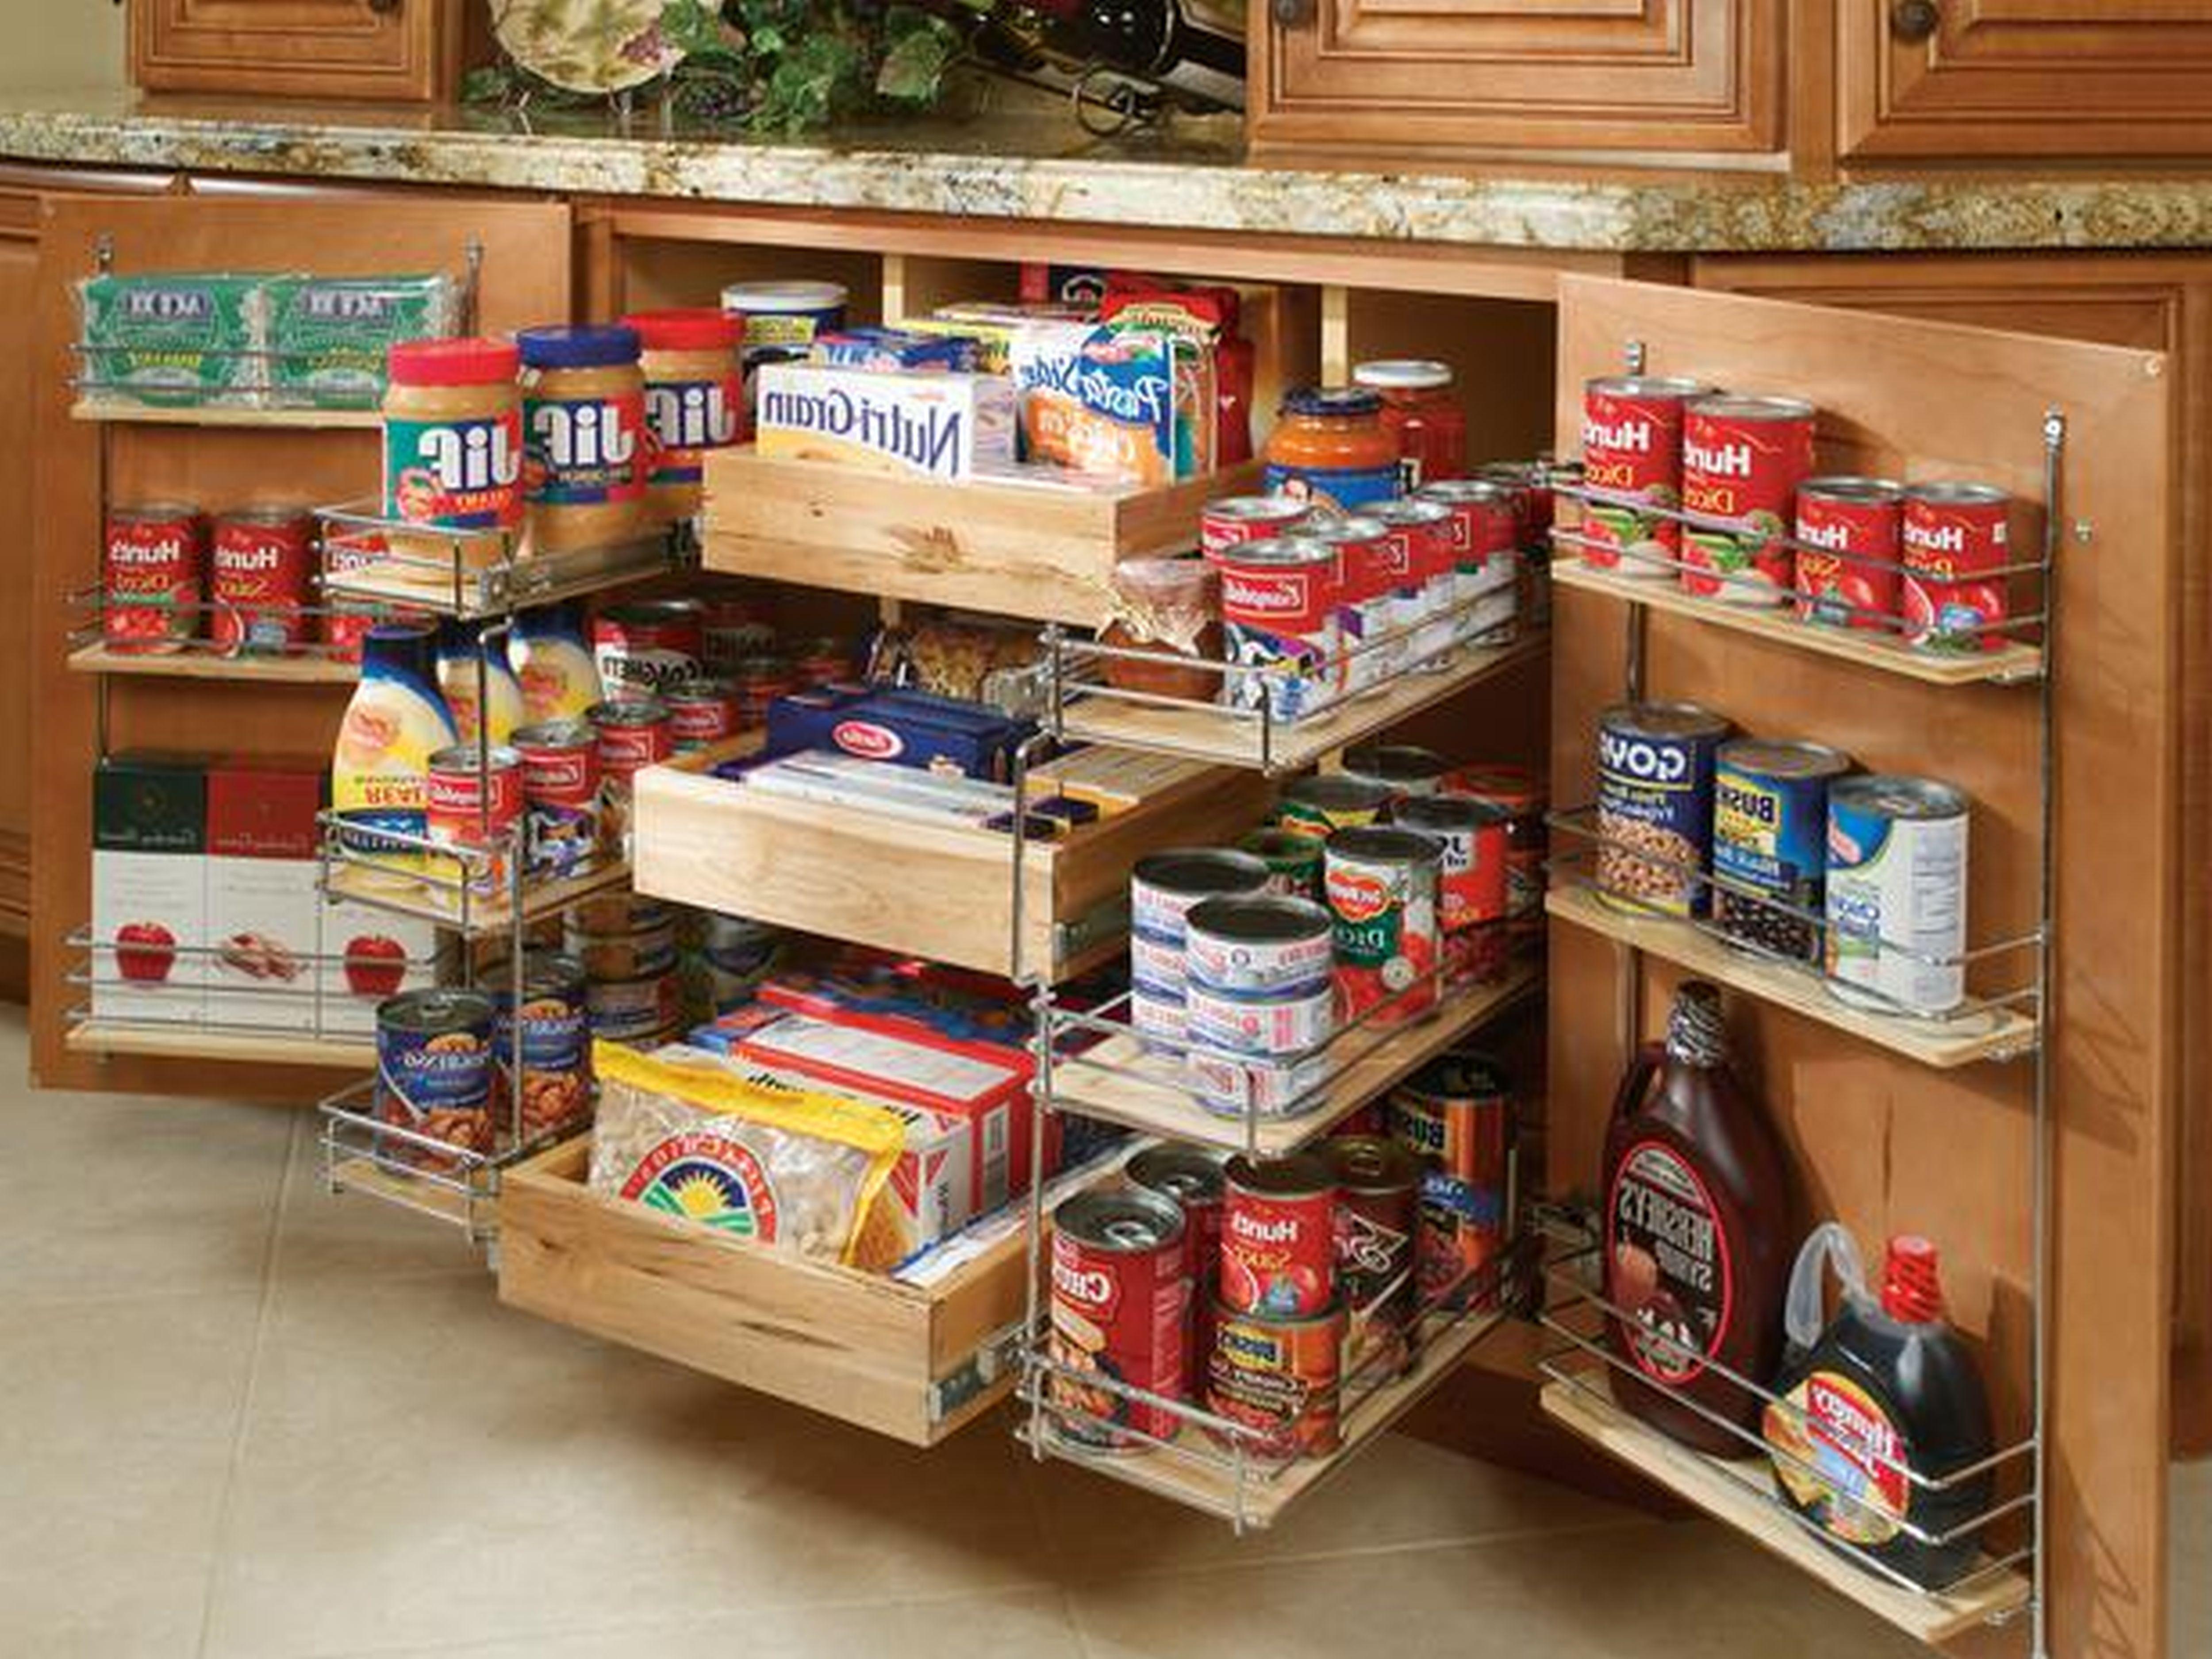 Cabin storage organizers ideas kitchen storage ideas decorations cabin storage organizers ideas kitchen storage ideas decorations kitchen charming wooden feat workwithnaturefo